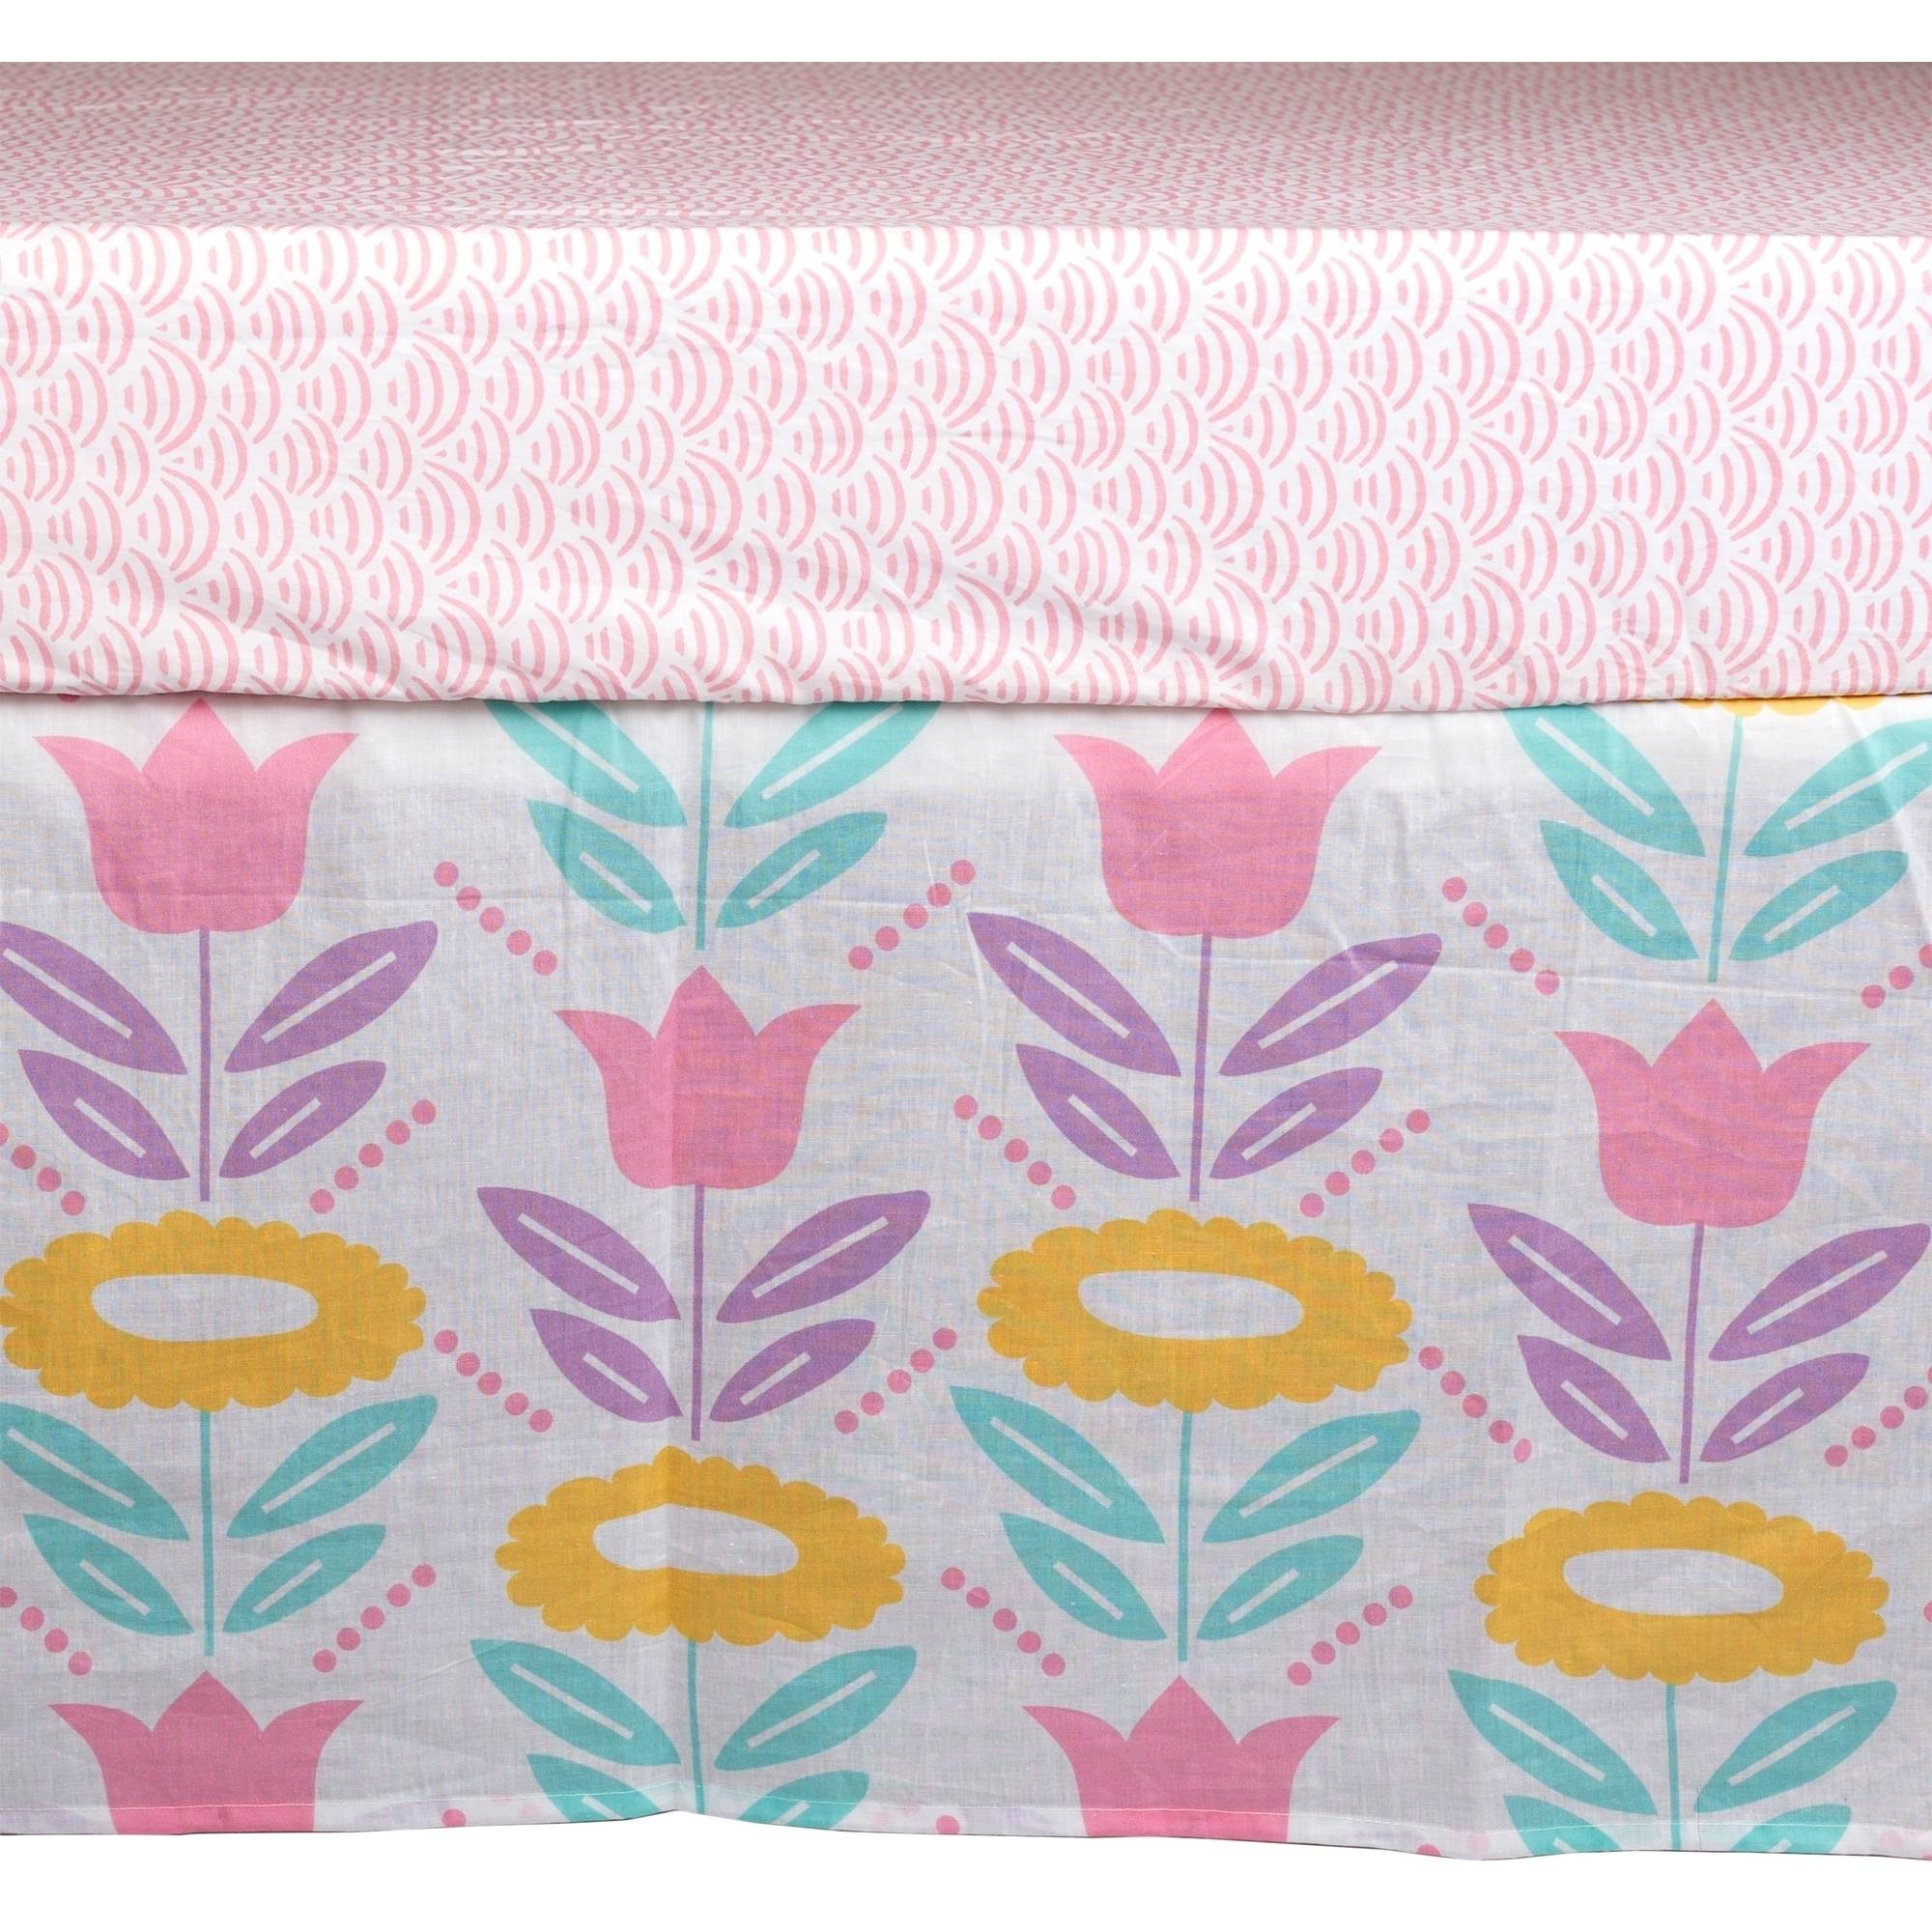 Poppi Living Flower Premium Cotton Crib Skirt